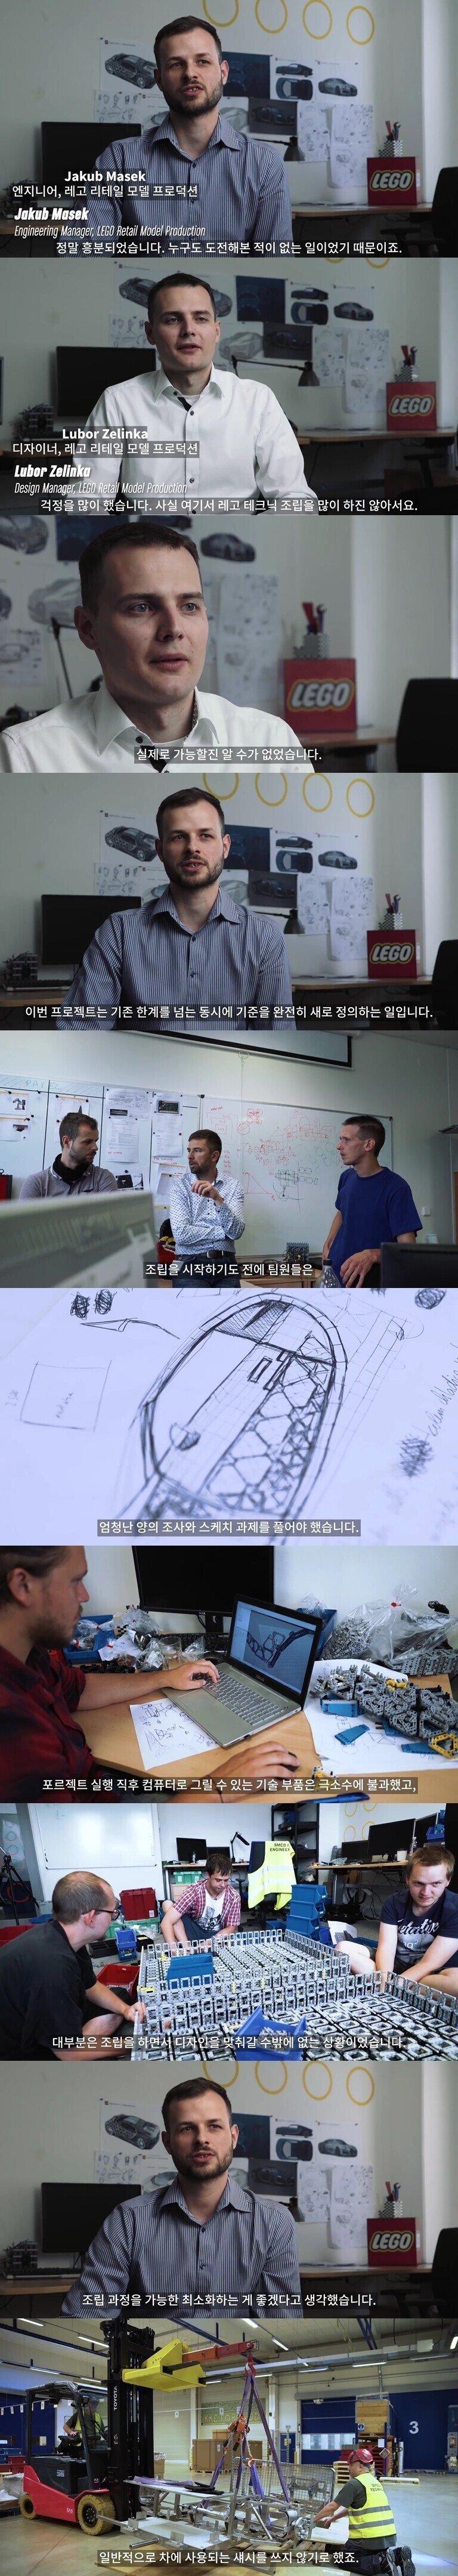 레고 테크닉 부가티 42083 - 불가능을 조립하다(다큐멘터리)-vert2.jpg 스압) 레고로 달리는 부가티를 만들다.Docu